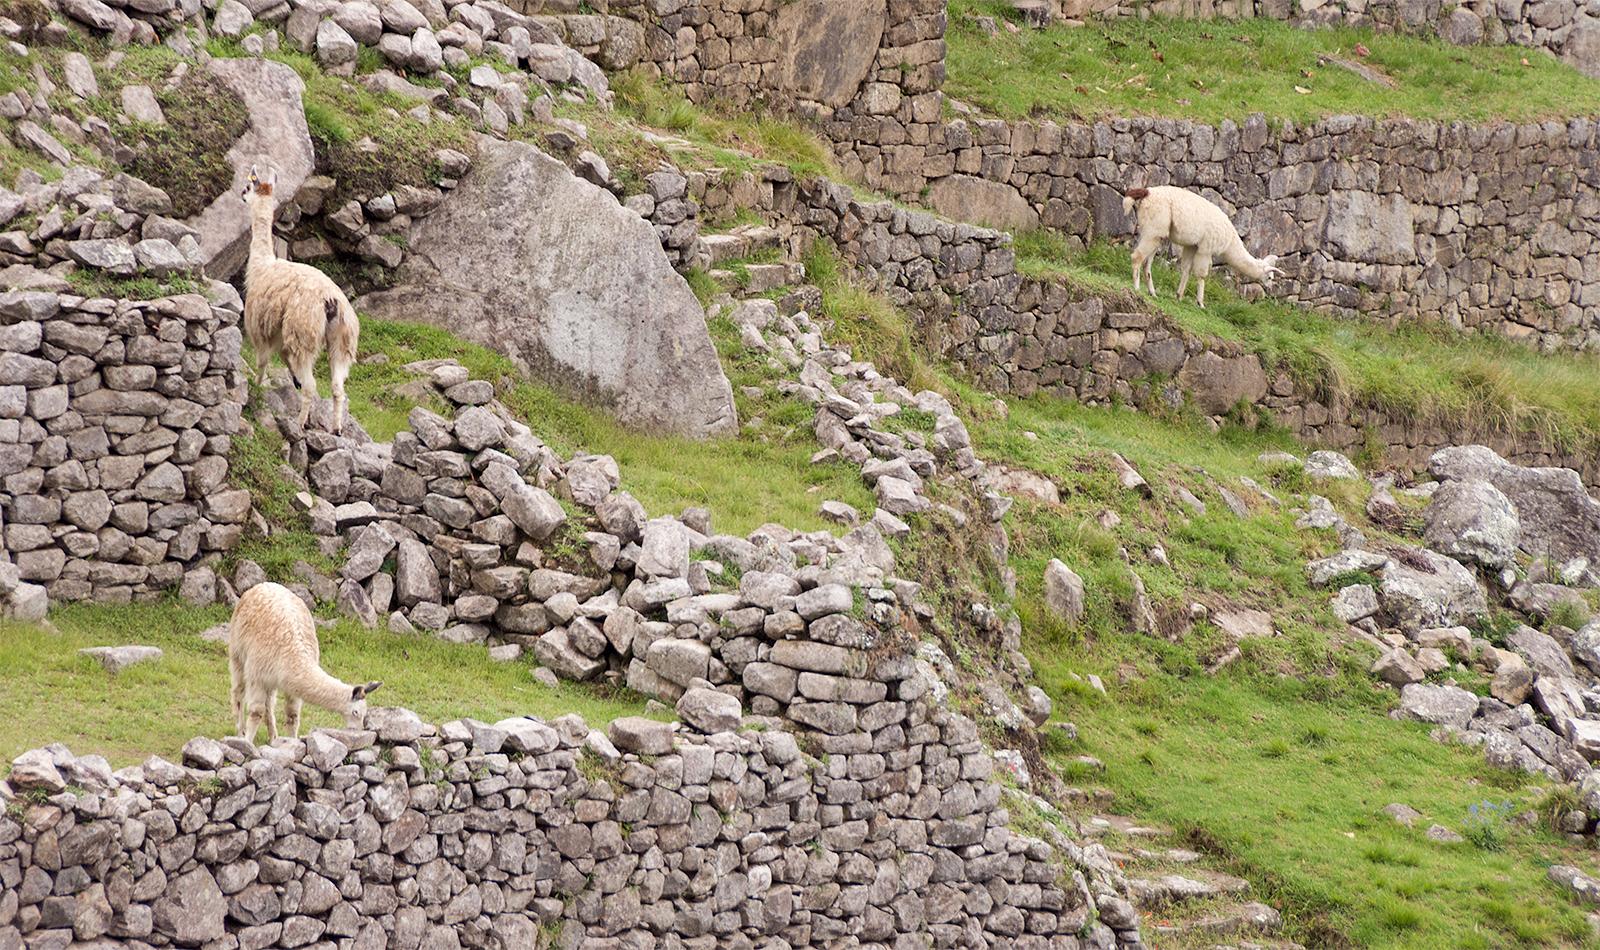 Llamas1.jpg